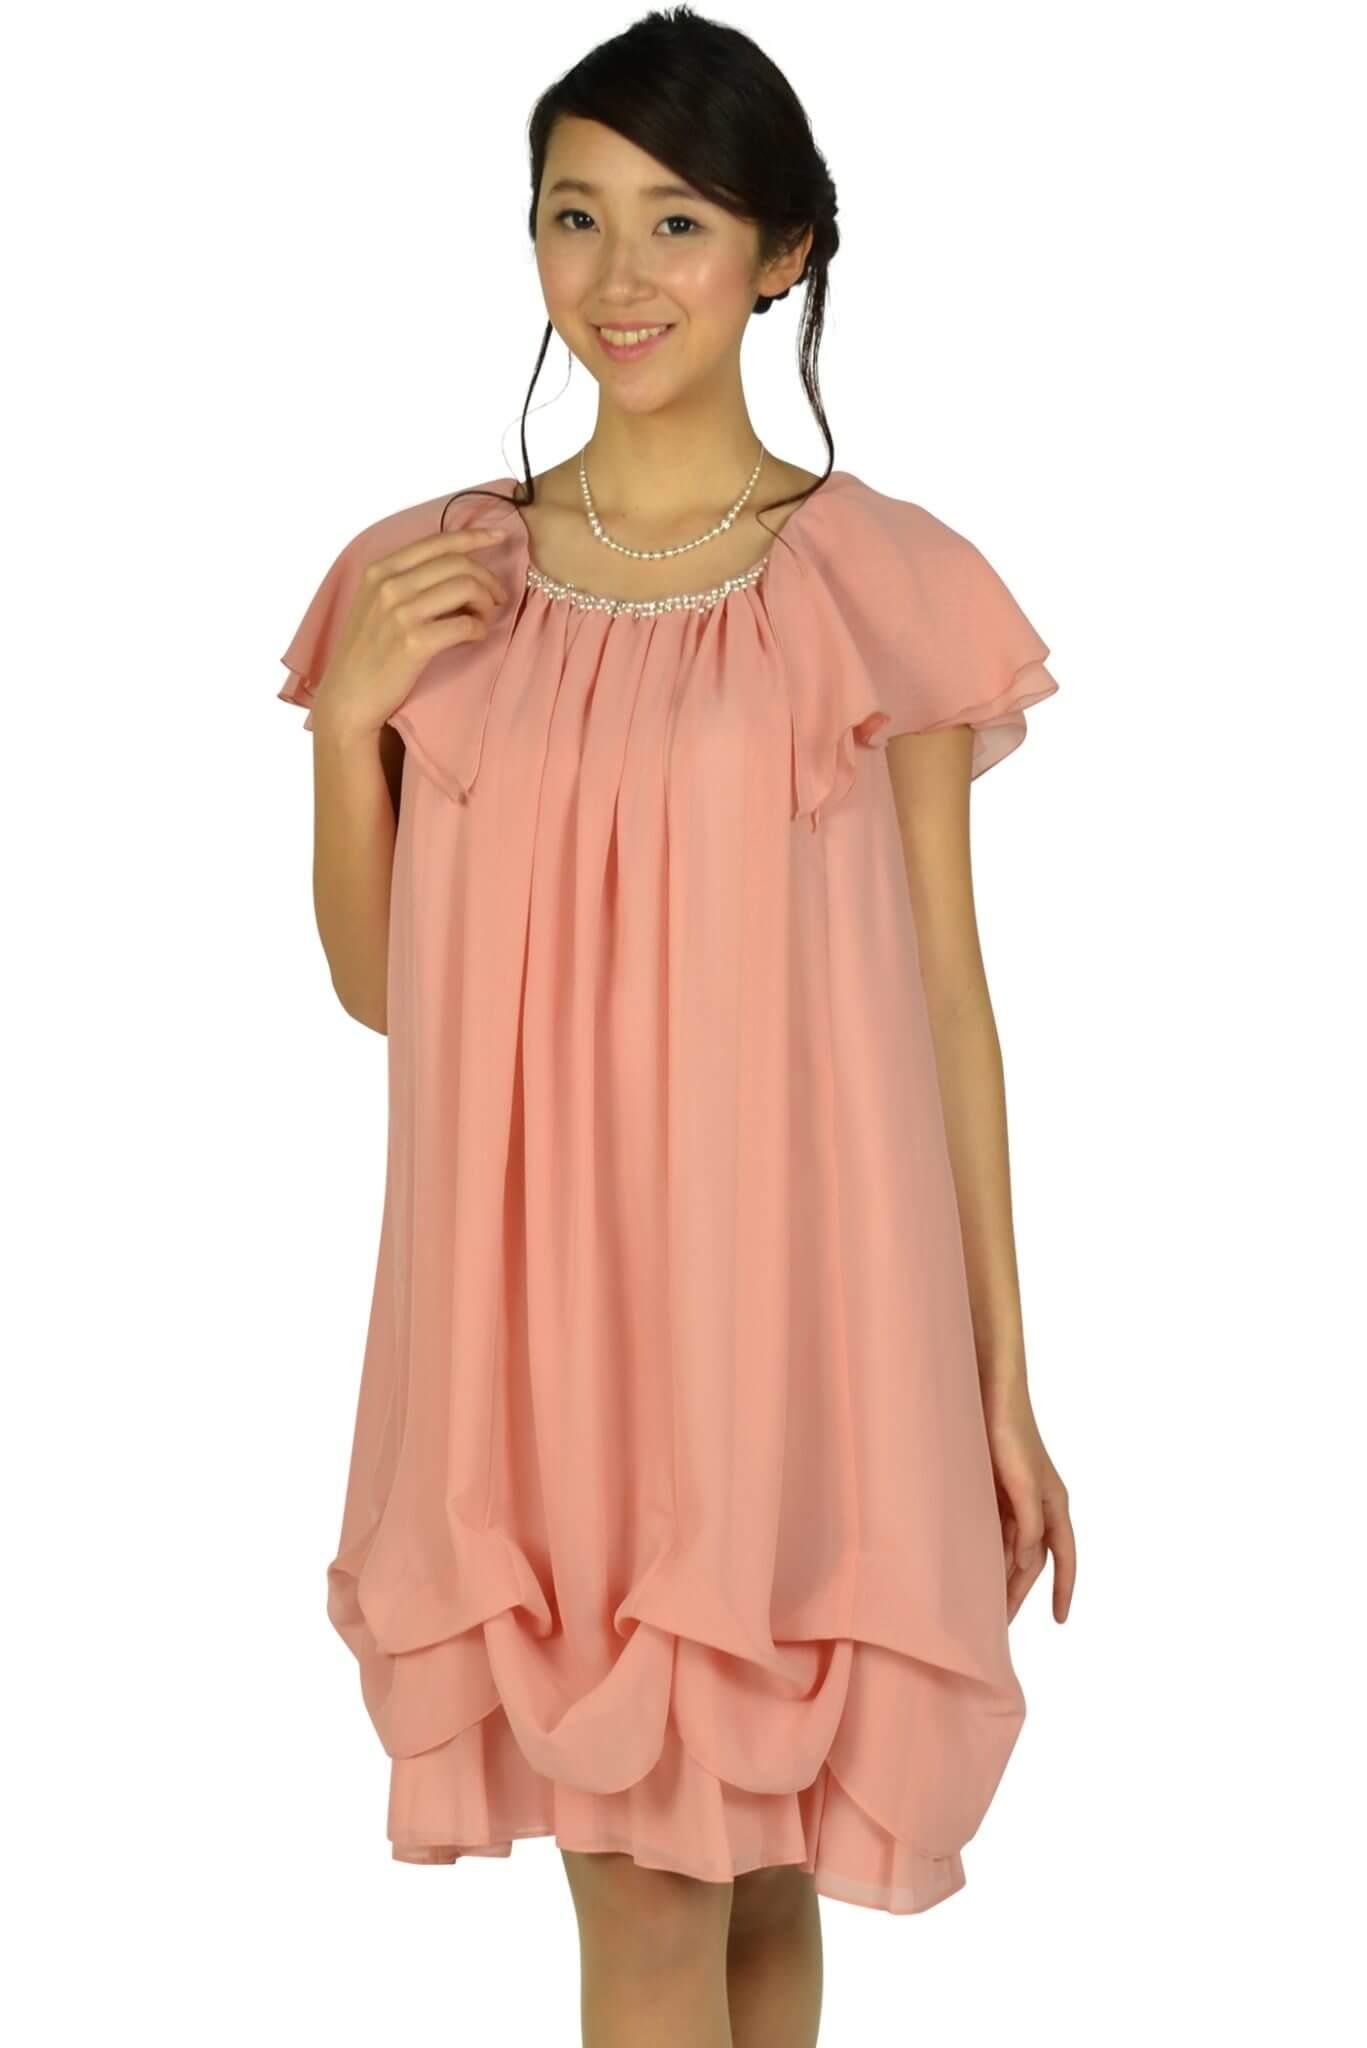 デリセノアール(DELLISE NOIR)ゆったりAラインピンクドレス